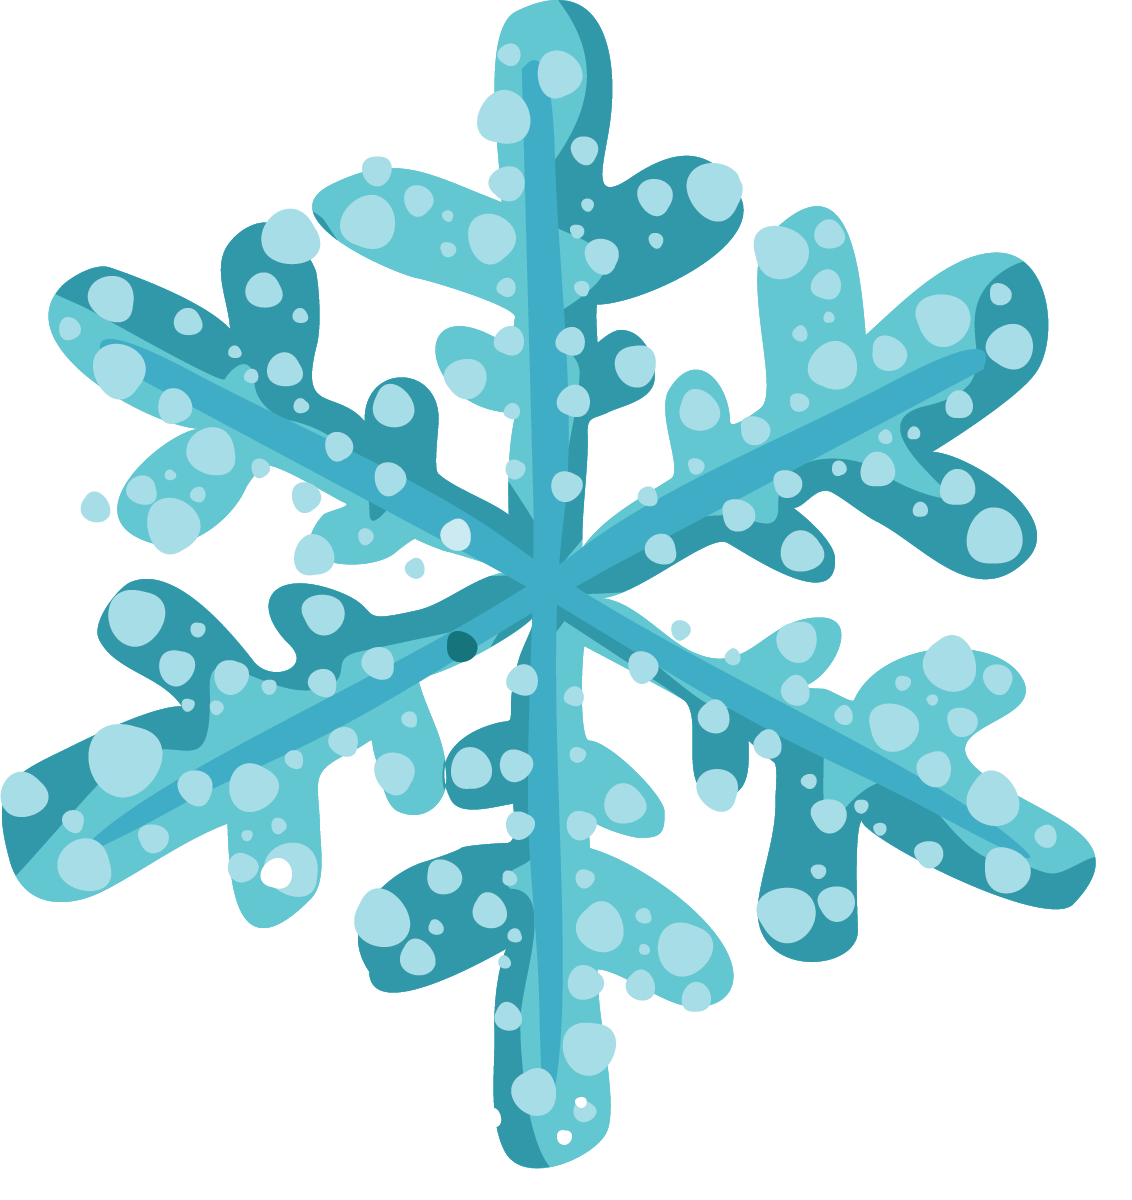 Free winter snowflakes.